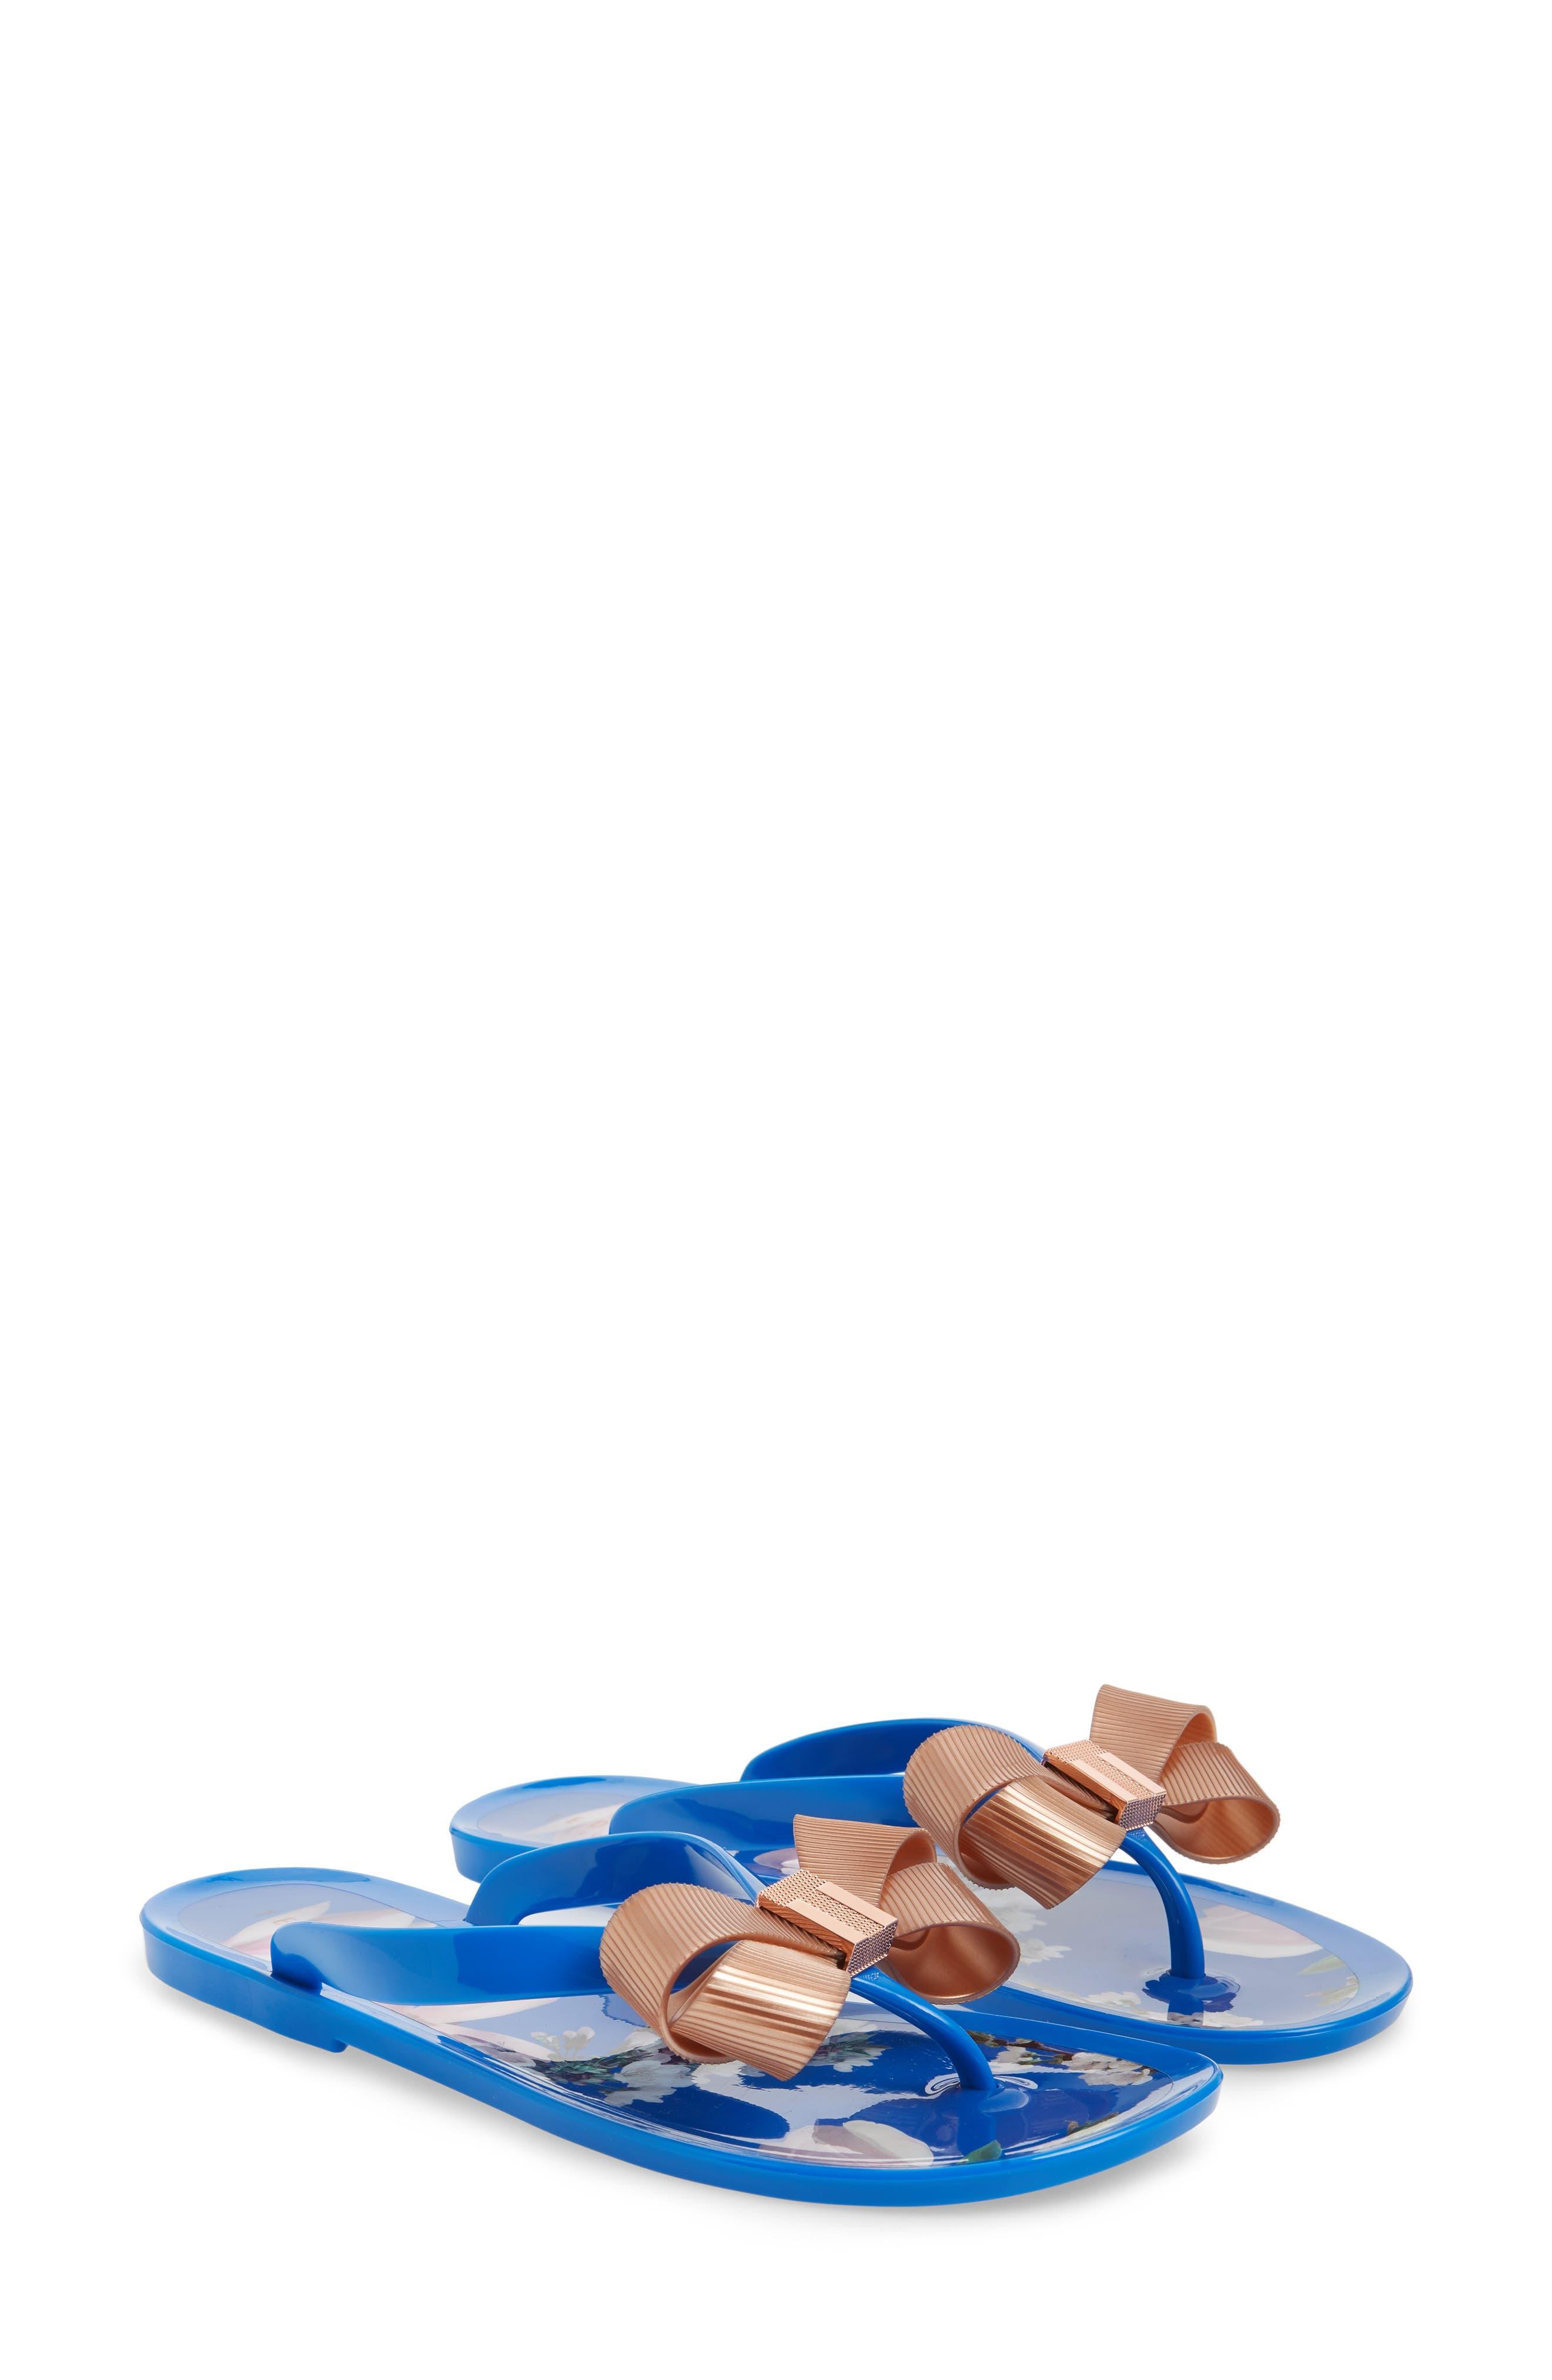 Suziep Flip Flop,                         Main,                         color, BLUE